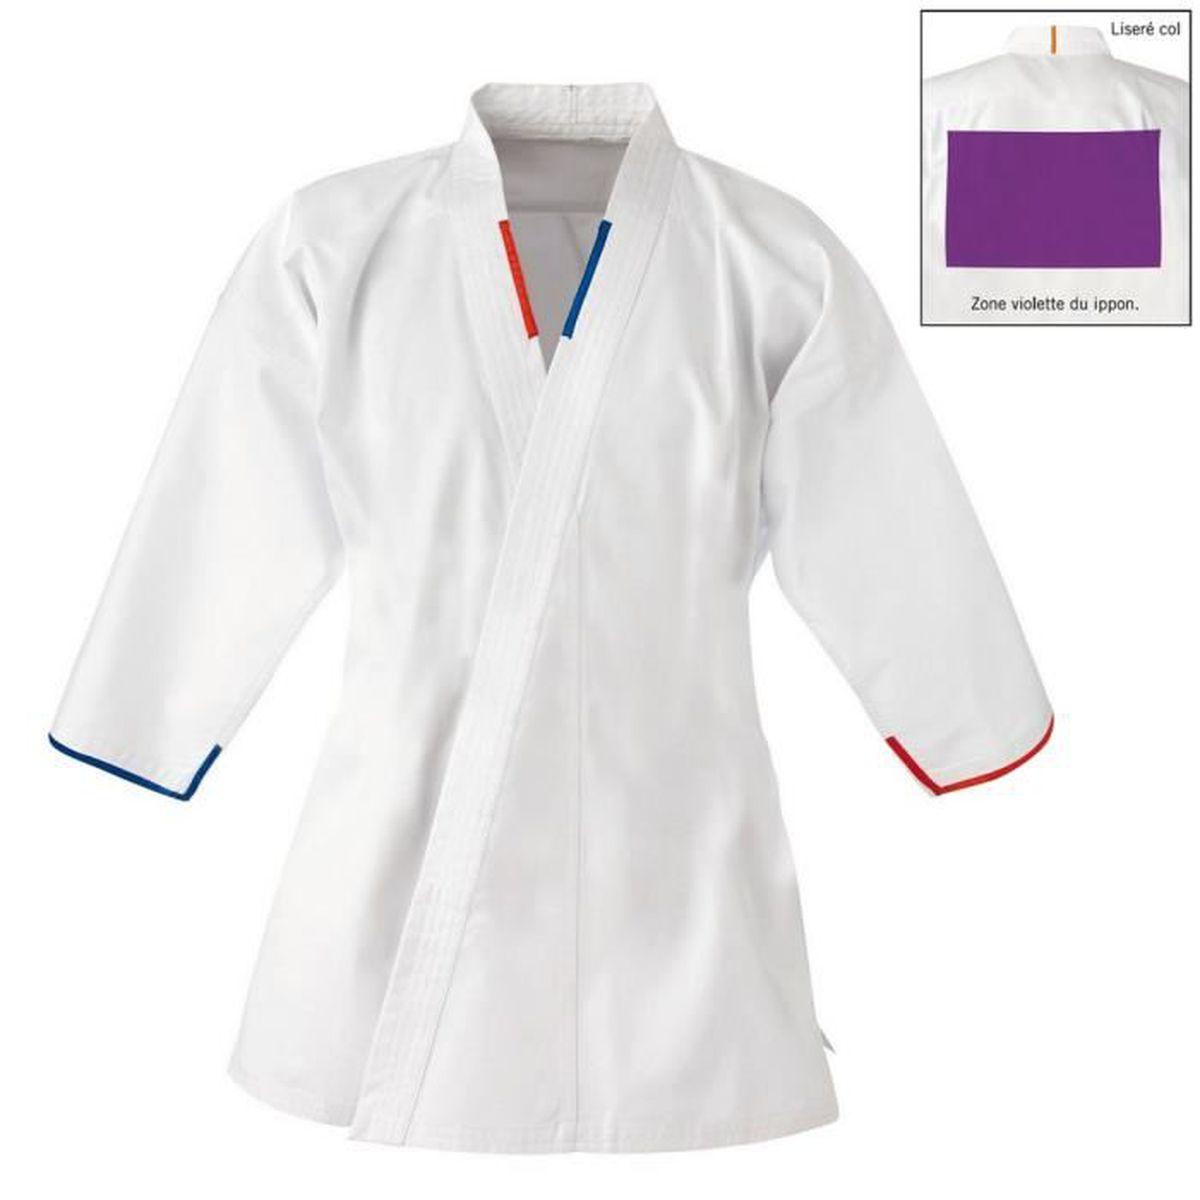 Veste de judo 100% coton Taille : 130 cm